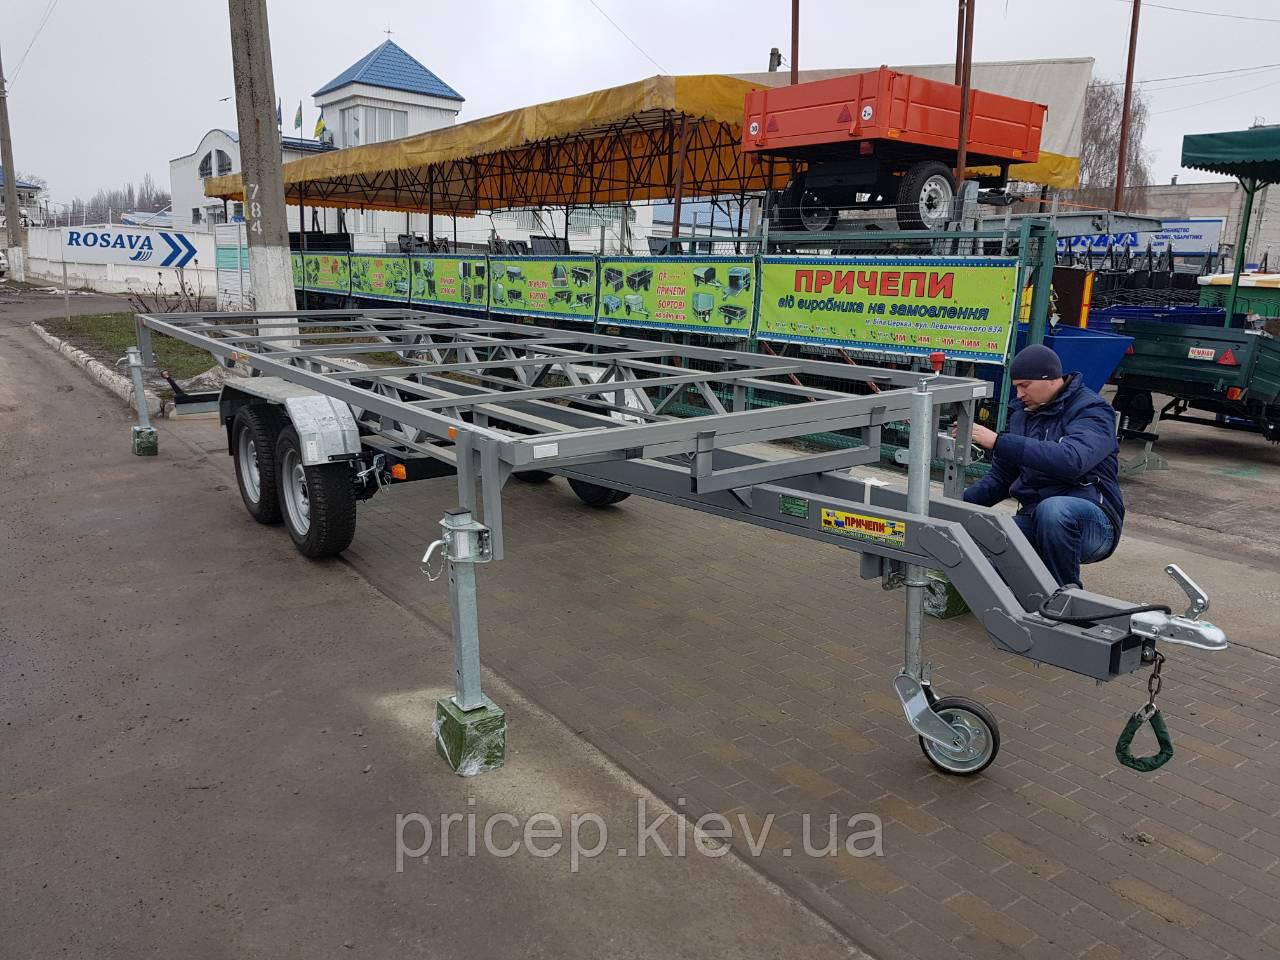 Прицеп 6м х 2м для перевозки пасеки, листового металла, металлического профиля, бруса.